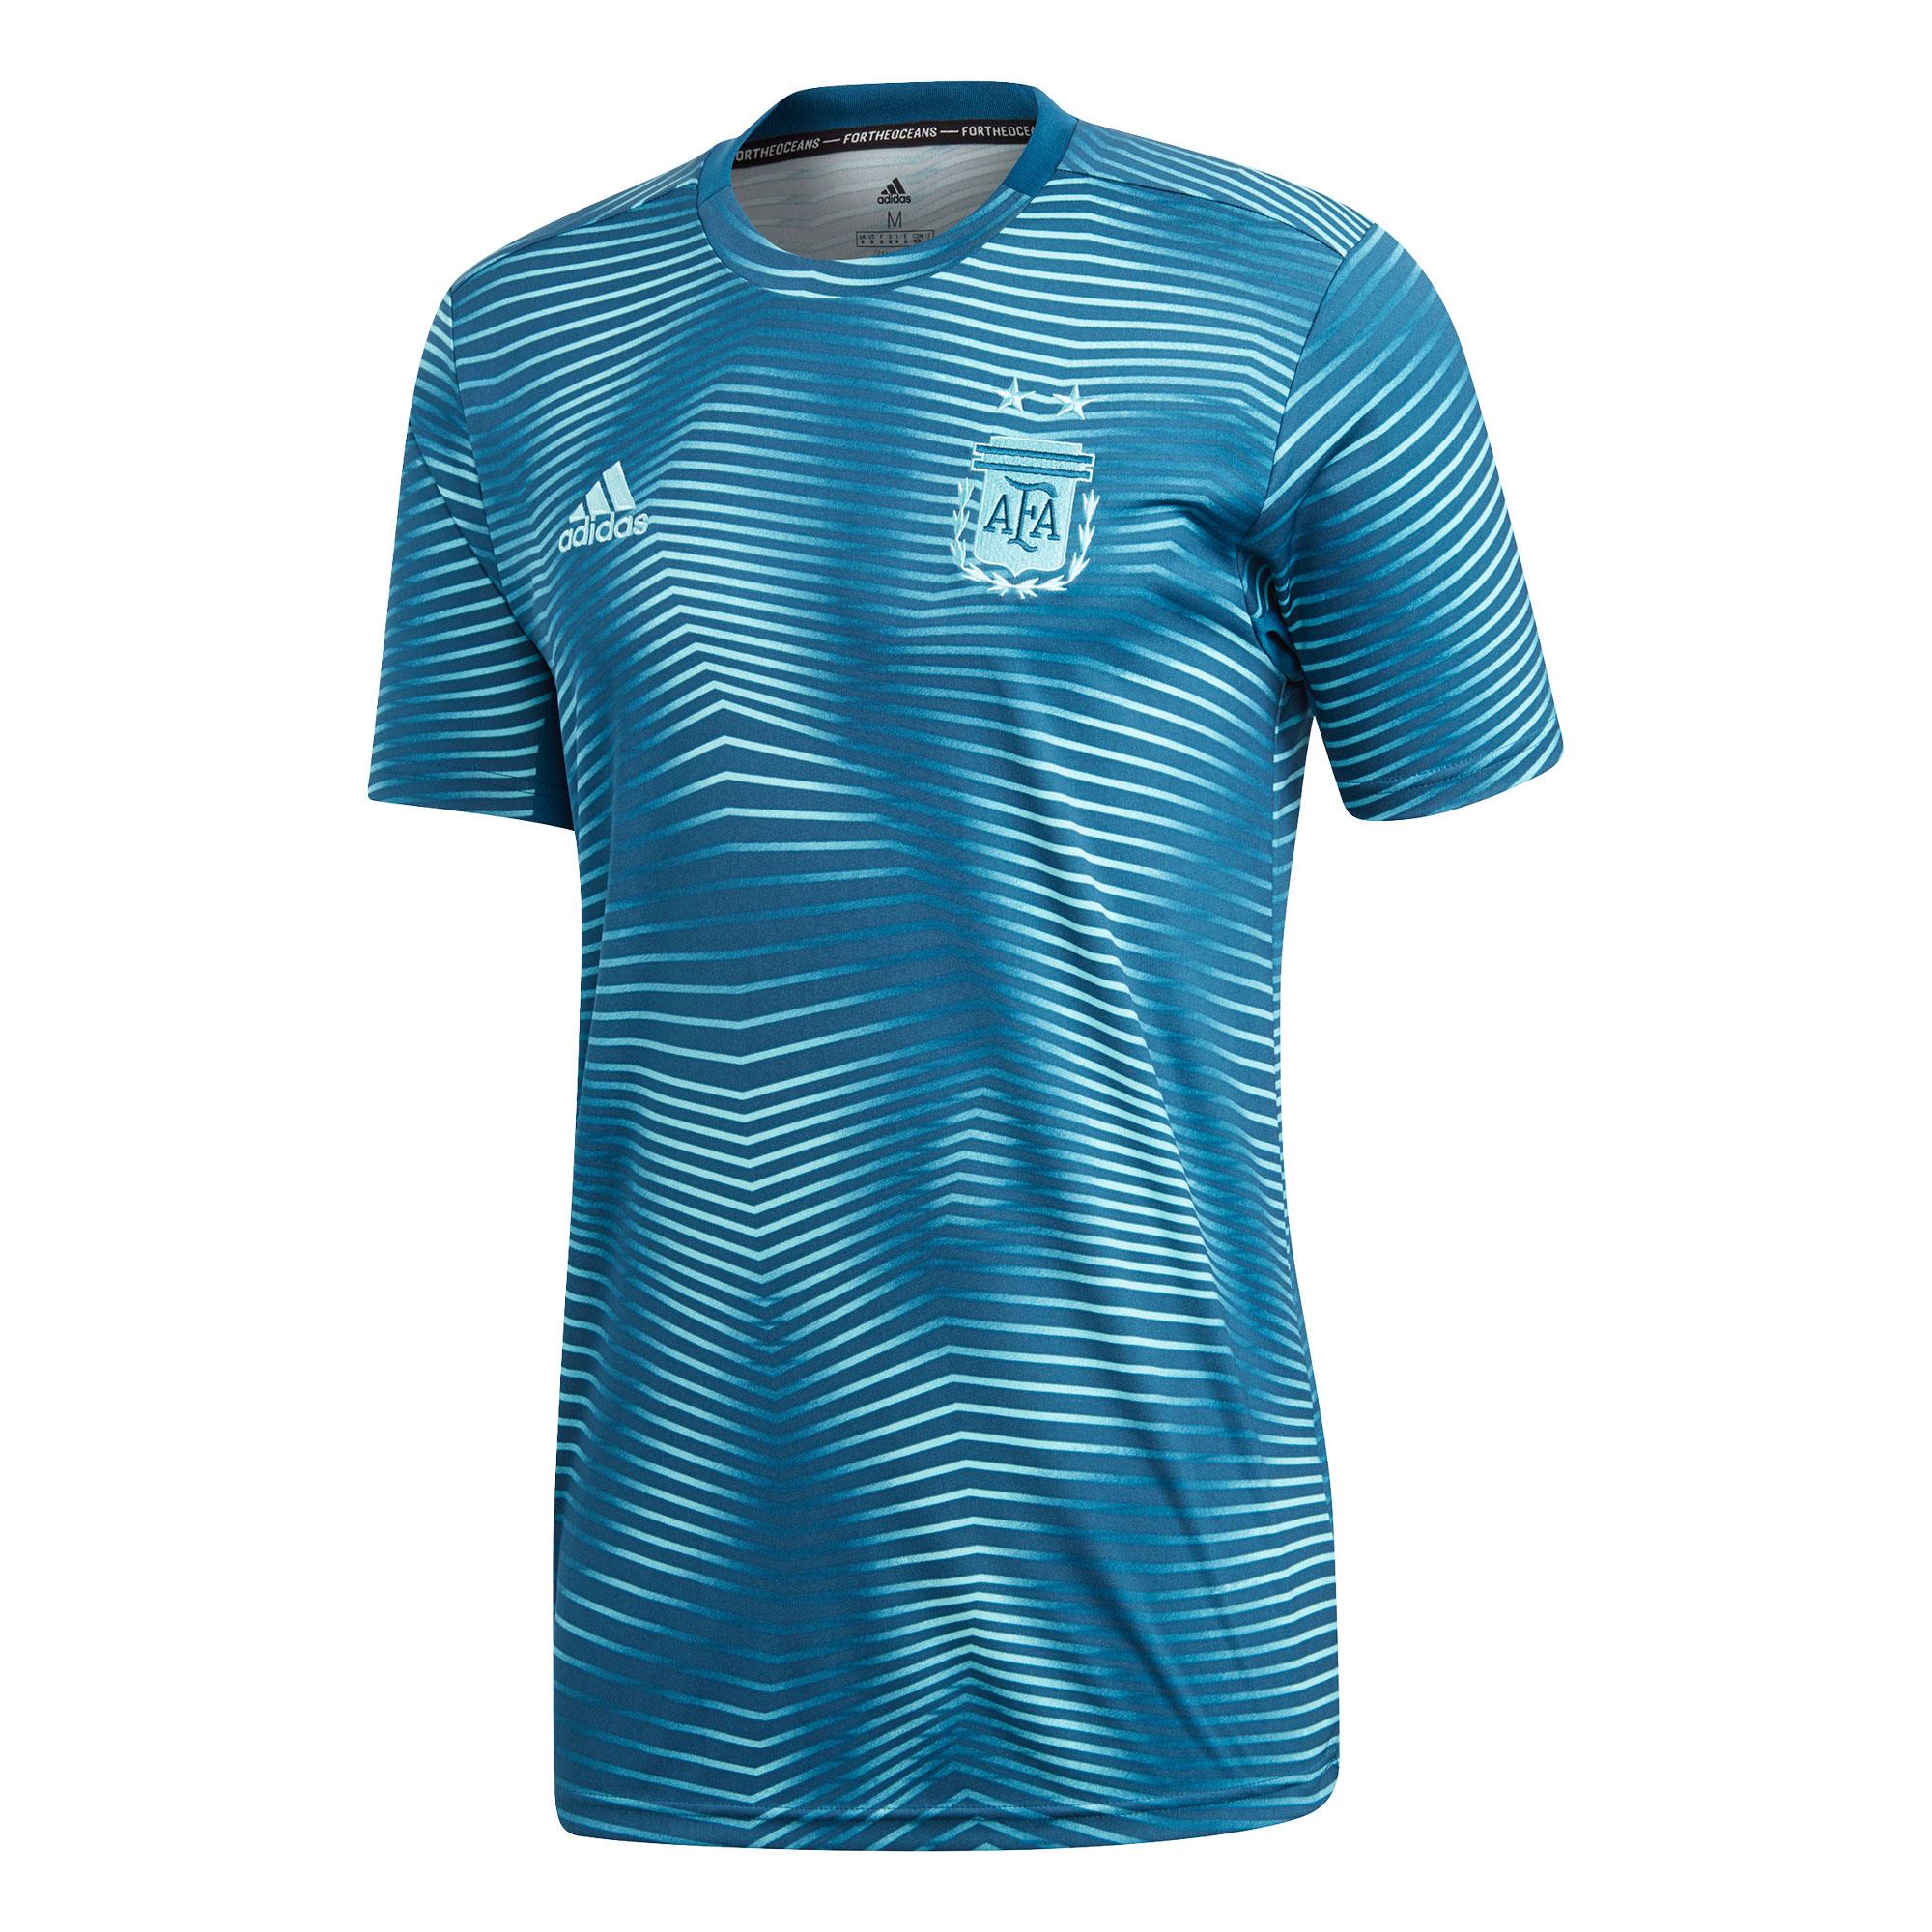 Argentina Home Pre-Match Shirt - Blue 2019 2020